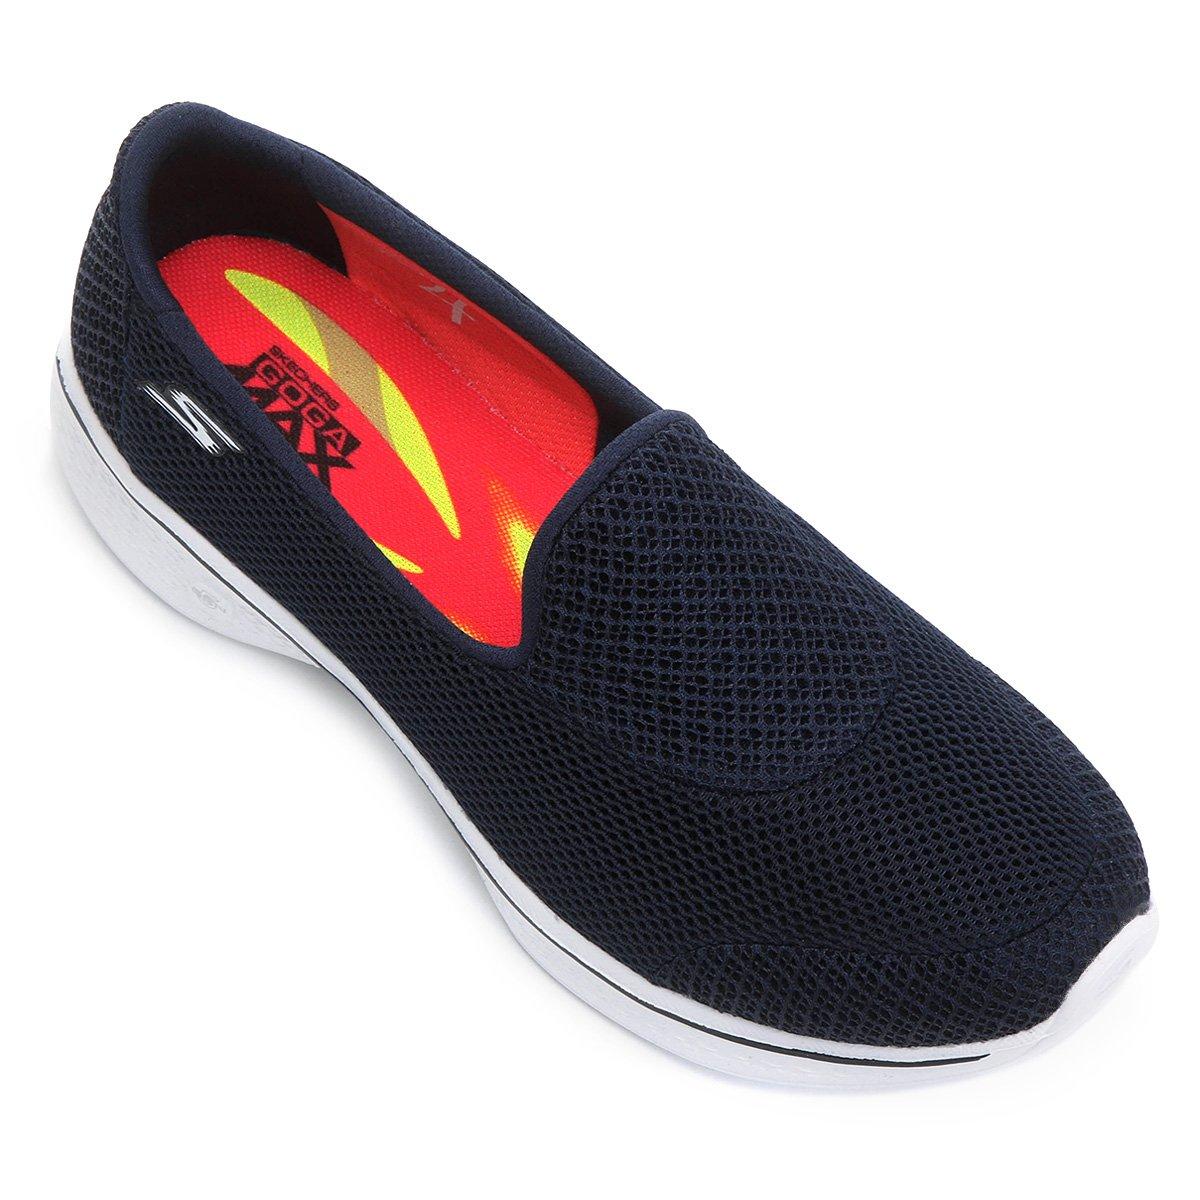 6aae53ec2be Sapatilha Skechers Go Walk 4 Feminina